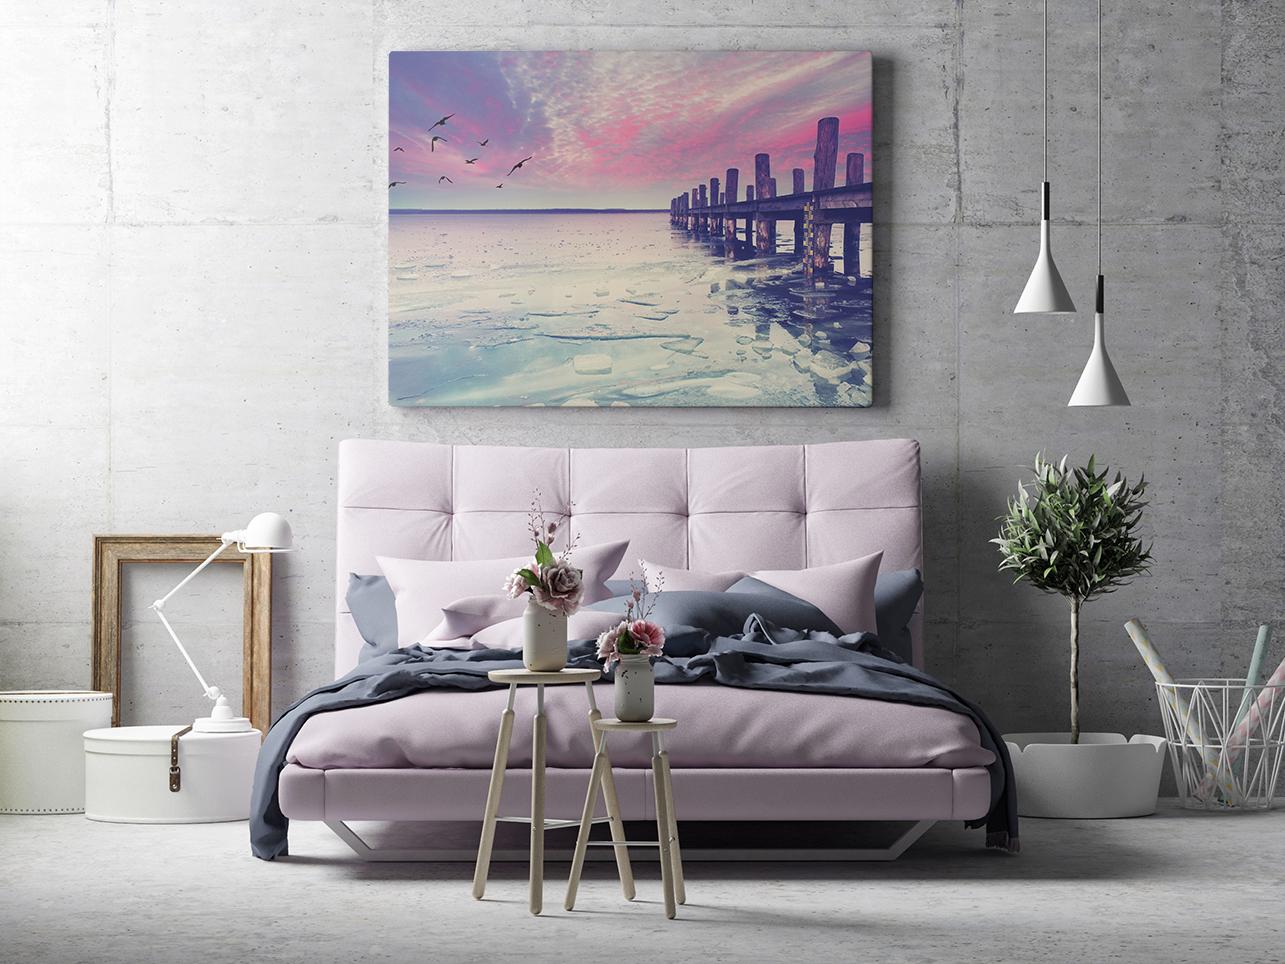 Obrazy na zeď: Každou místnost lze dokonale oživit